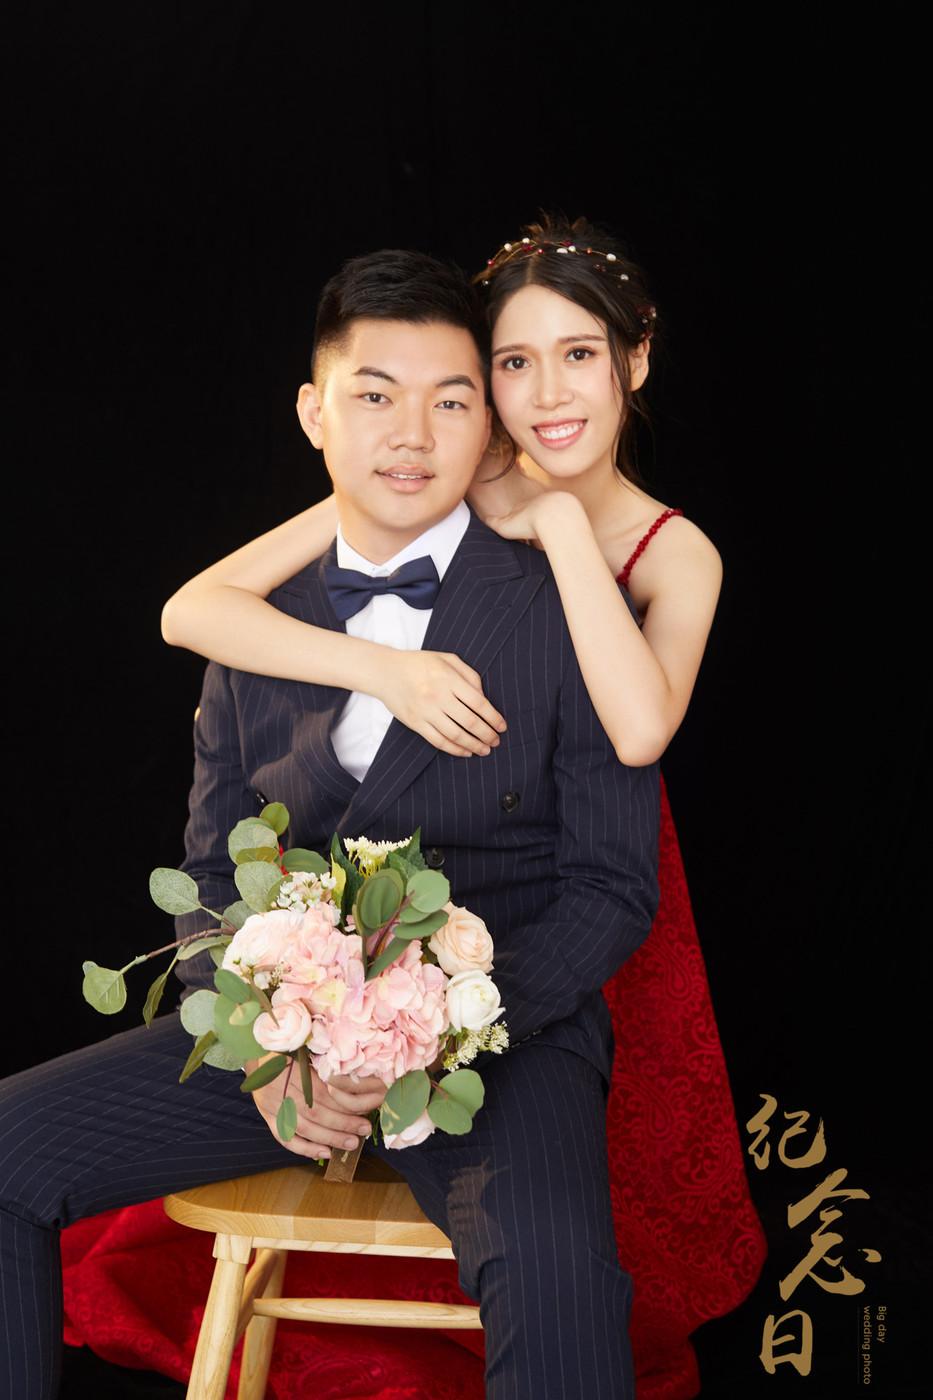 婚纱 | 嘉颖&靖怡1